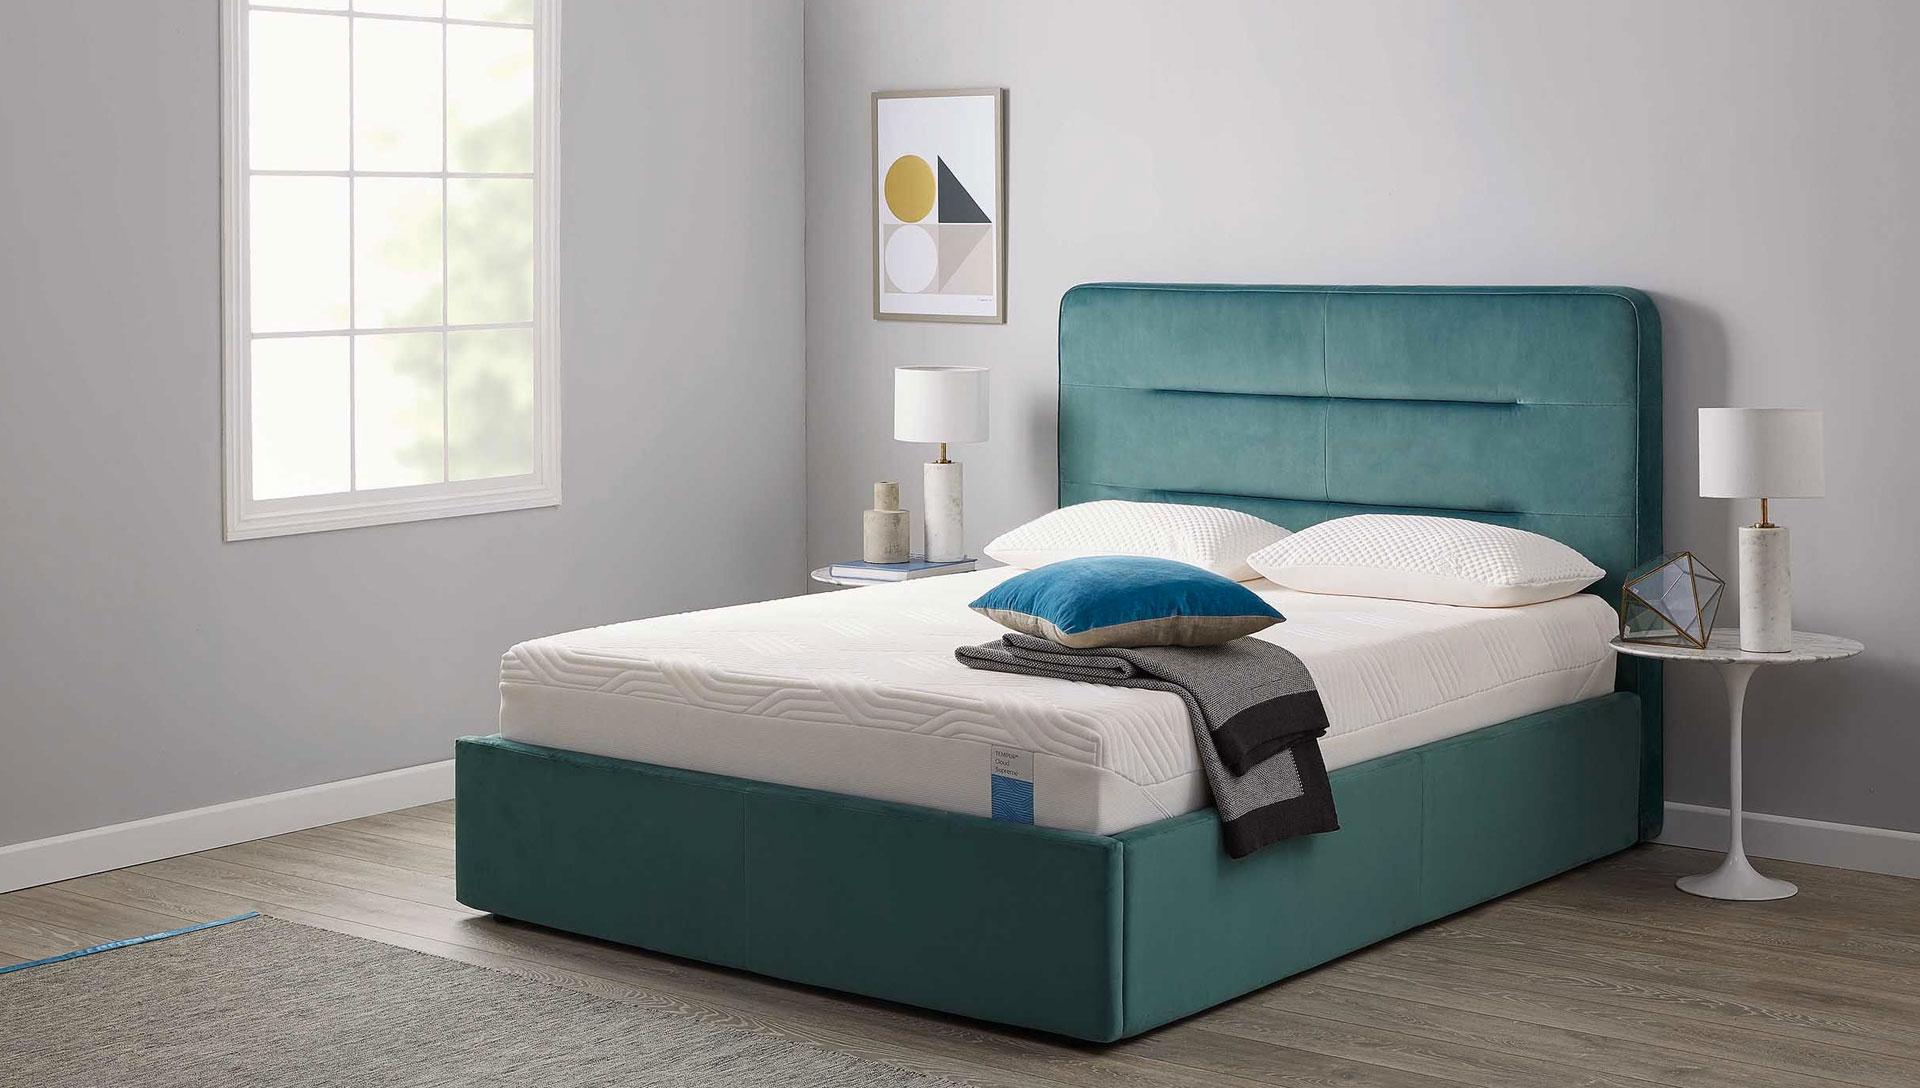 zona-notte-tempur-comodus-arredamenti-nicoletti-interni-interior-design-divani-complementi-arredo-mobili-design-accessori-matera